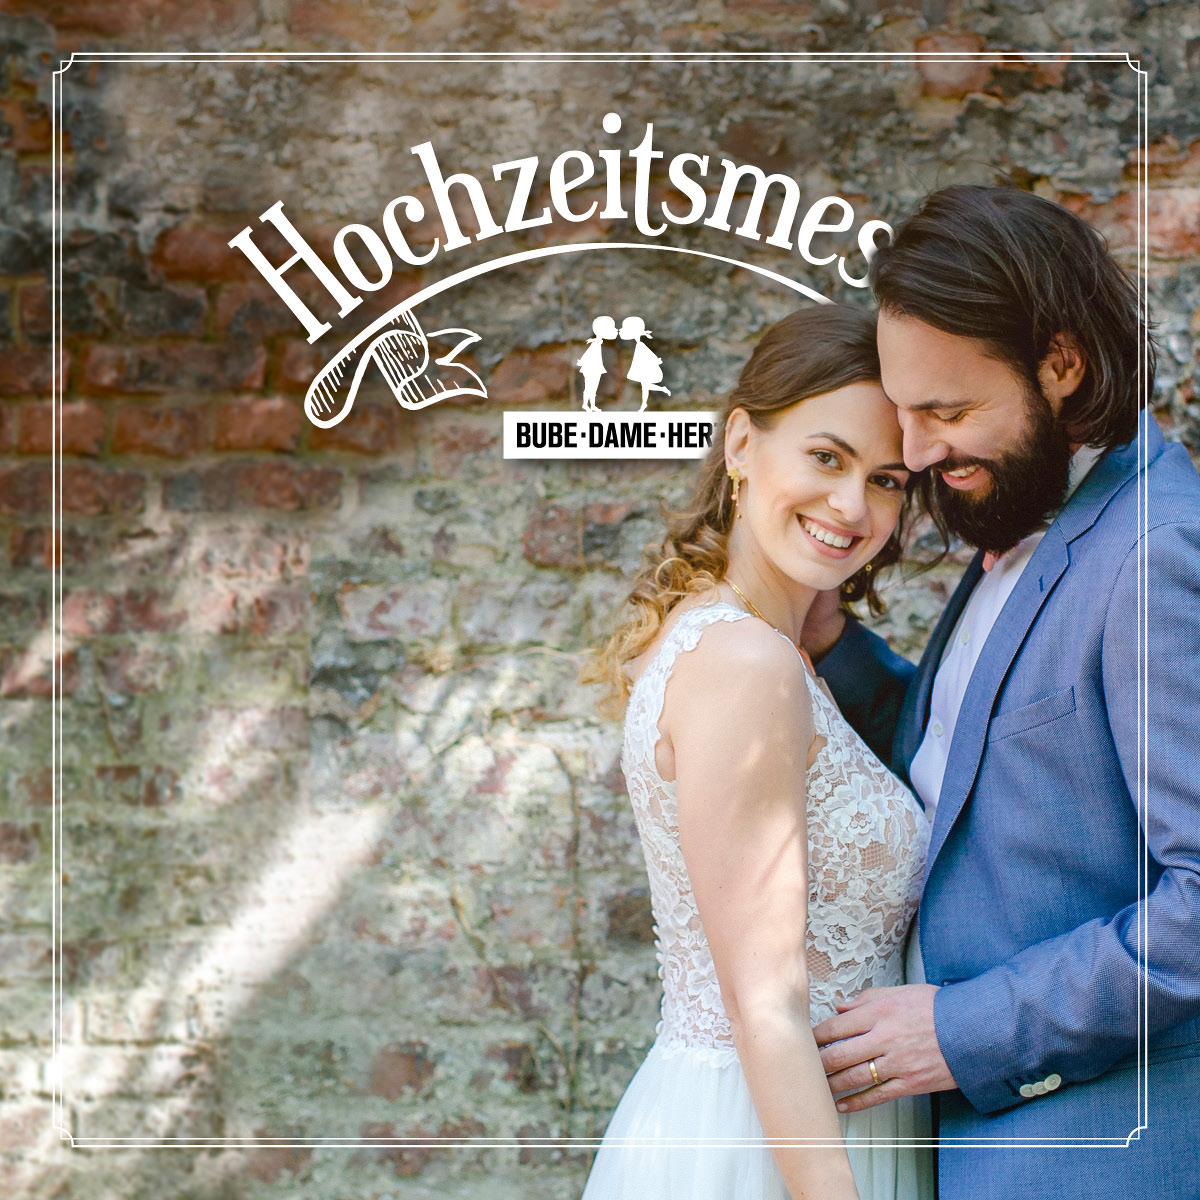 BUbe Dame Herz Hochzeitsmesse Schloss Benrath